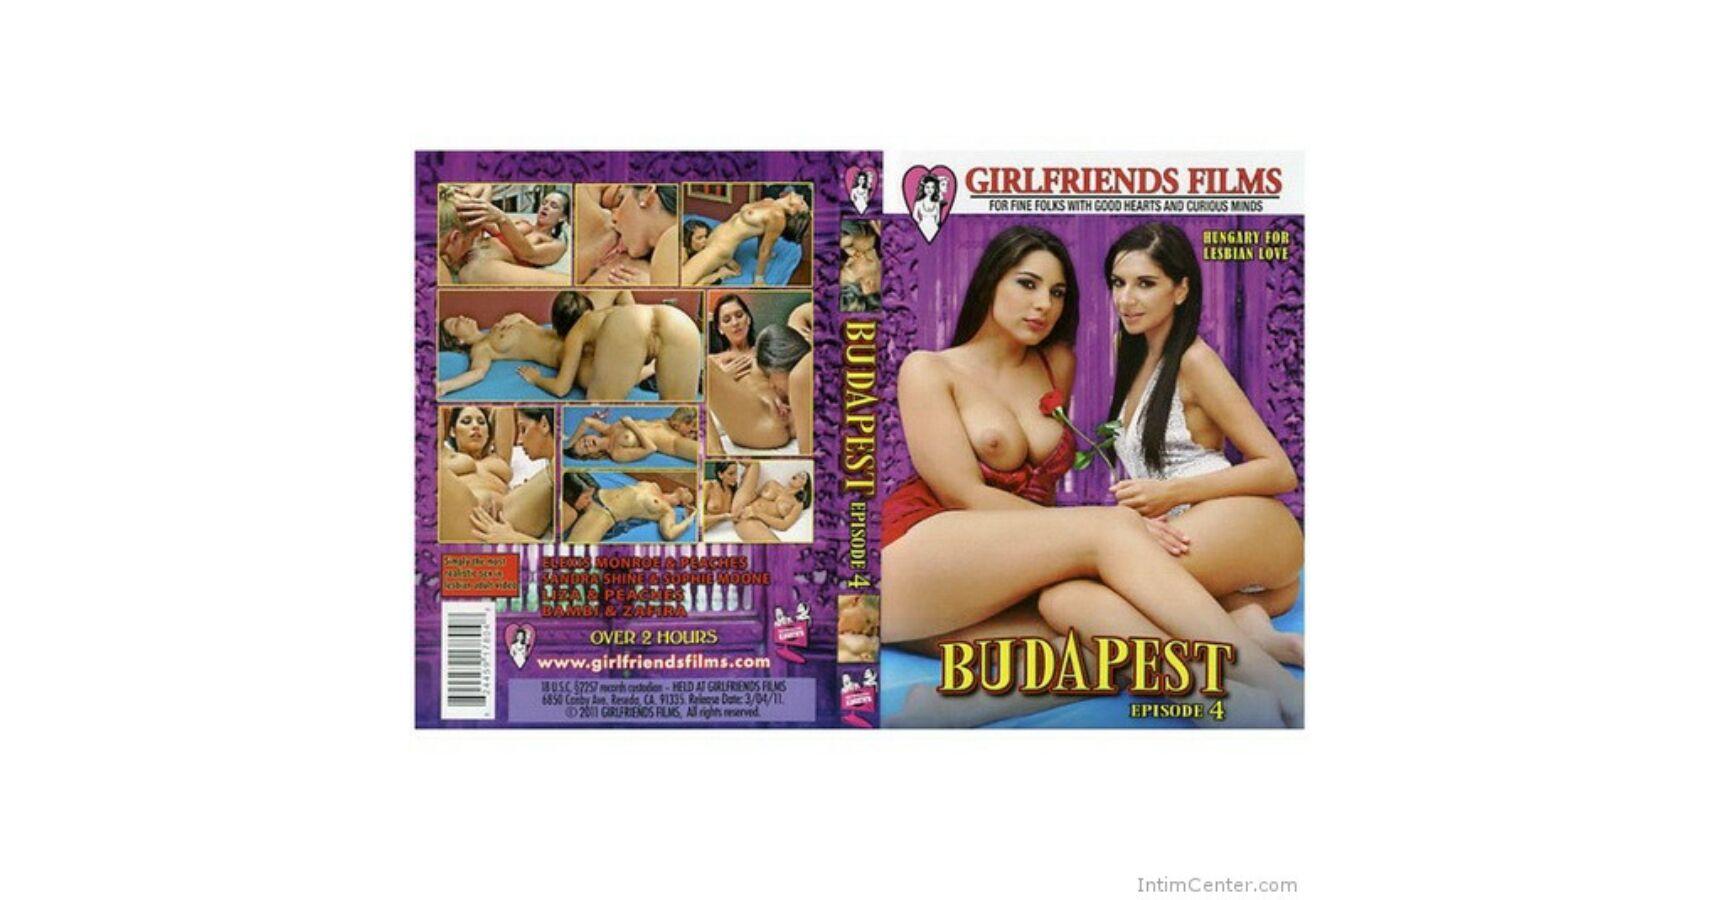 leszbikus pornó filmek dvd legjobb fekete punci eszik